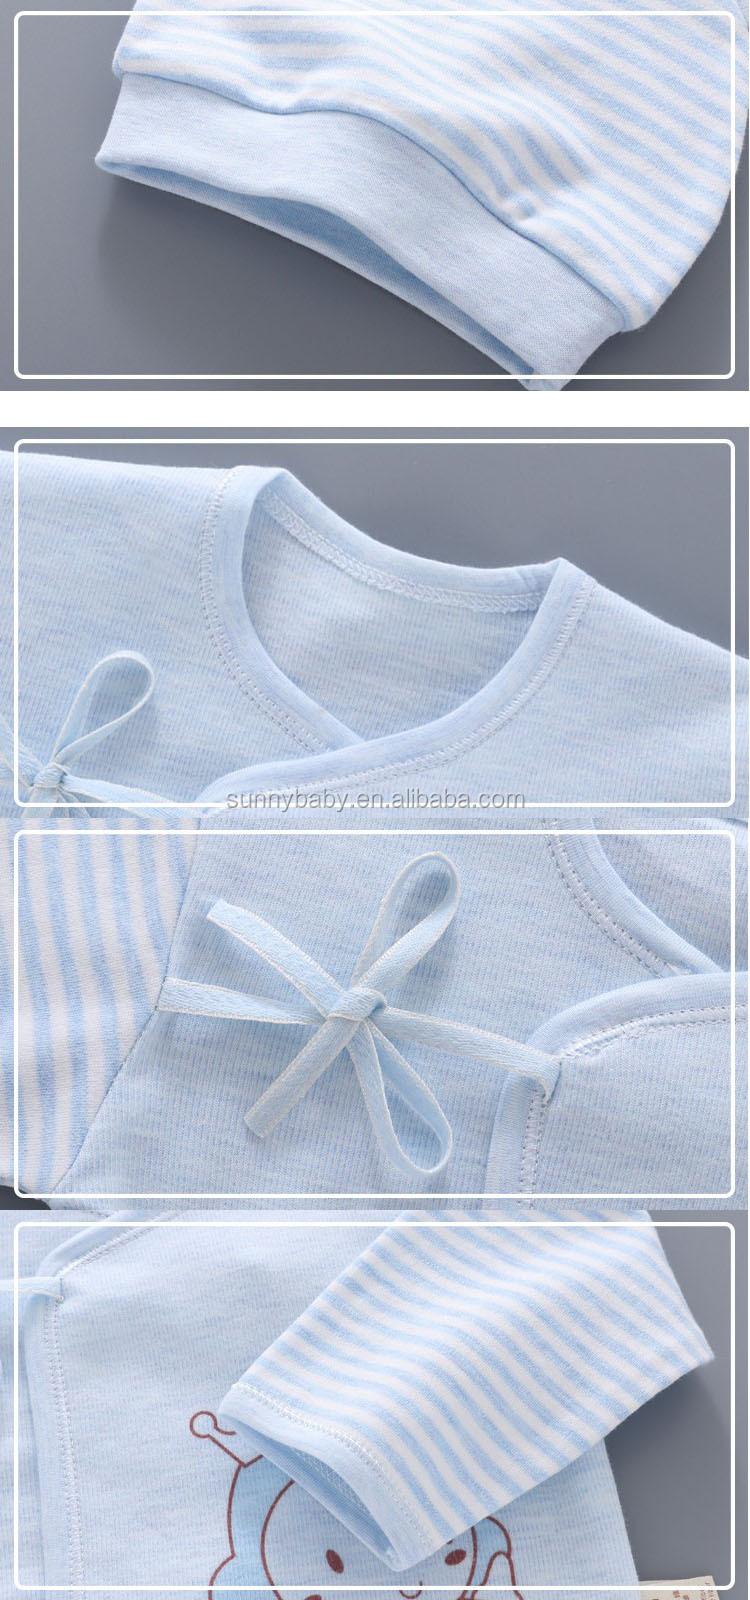 5 juegos de regalo de ropa de bebé especias conjuntos de ropa de bebé giftsets Rosa Para Niña